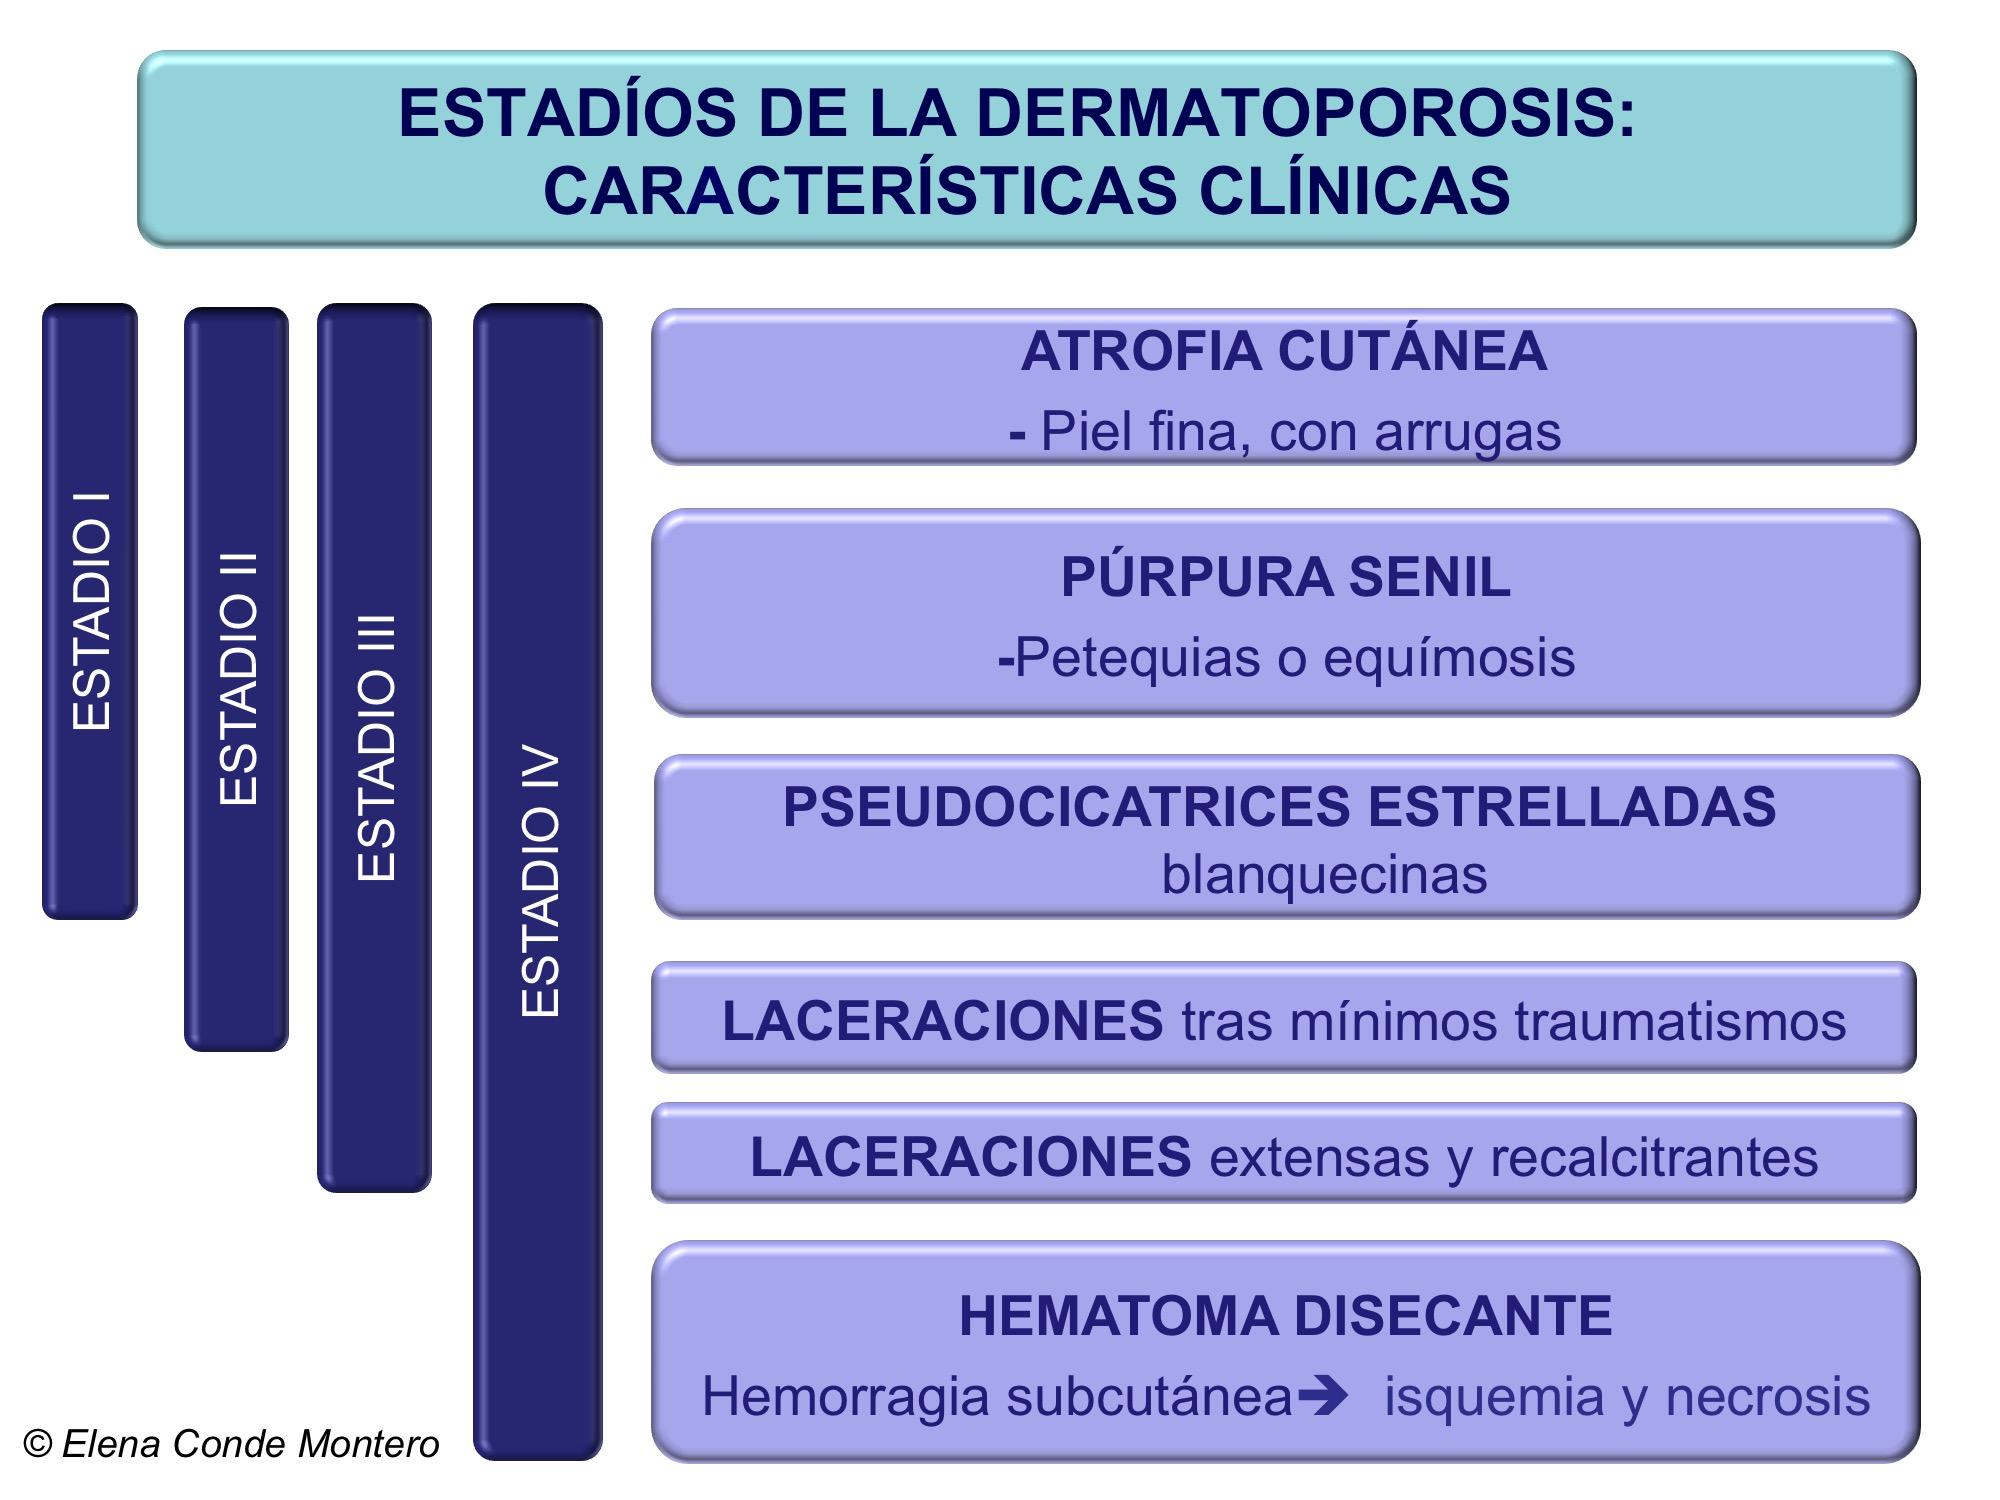 Clasificación clínica de la dermatoporosis